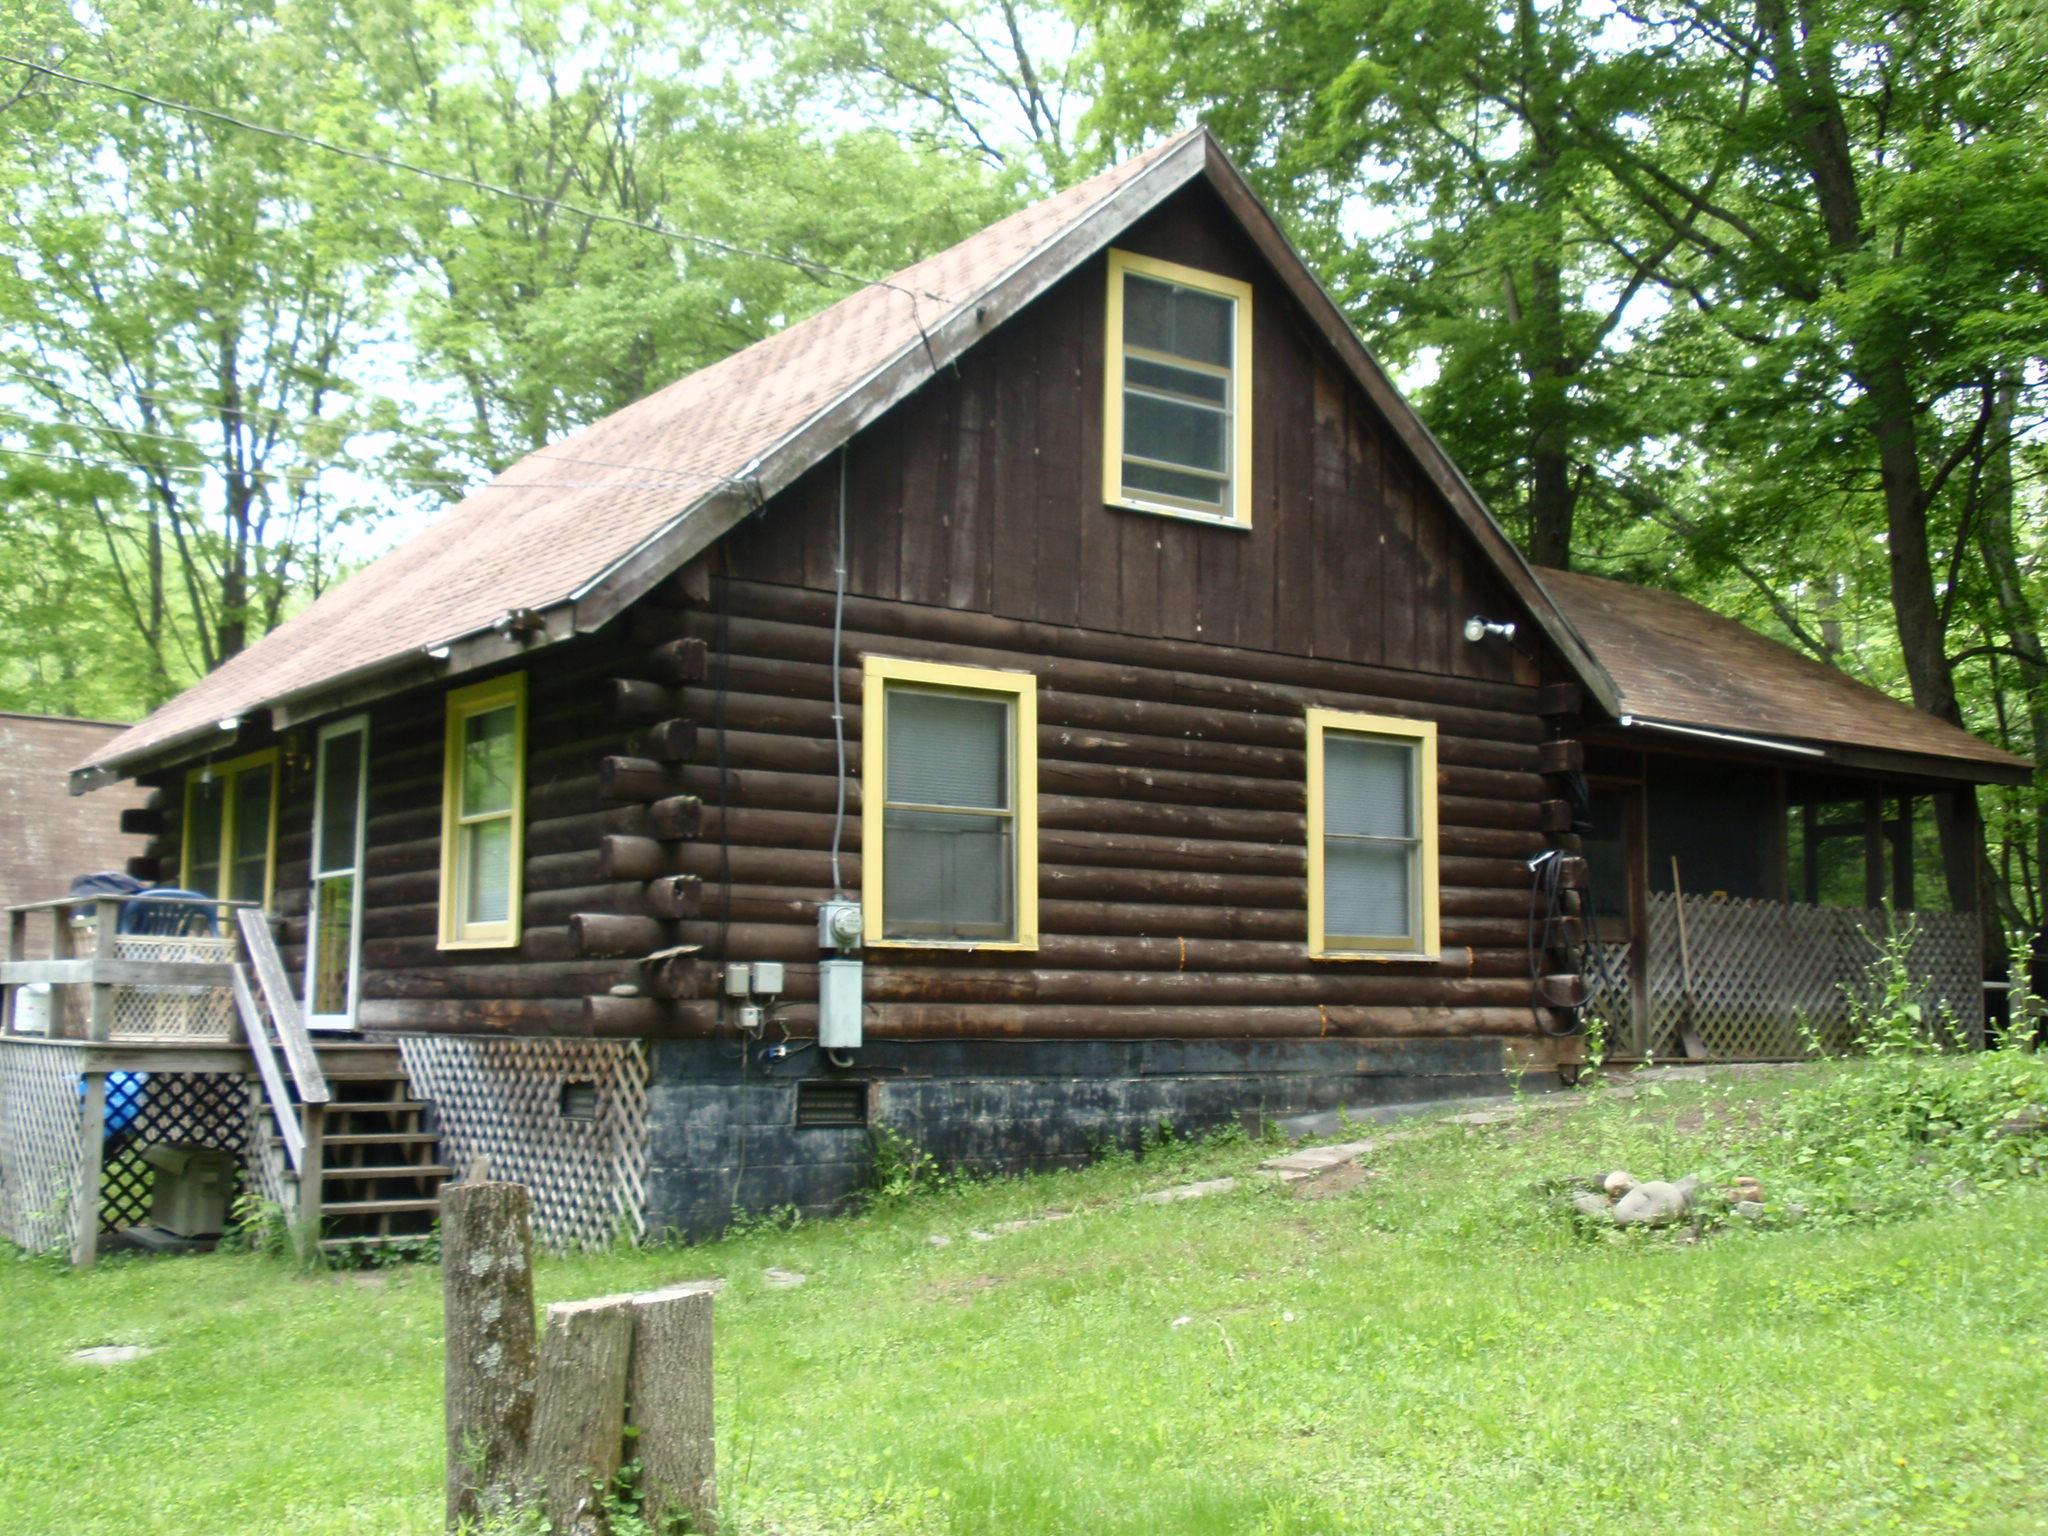 Appalachian Log Home Repair Home